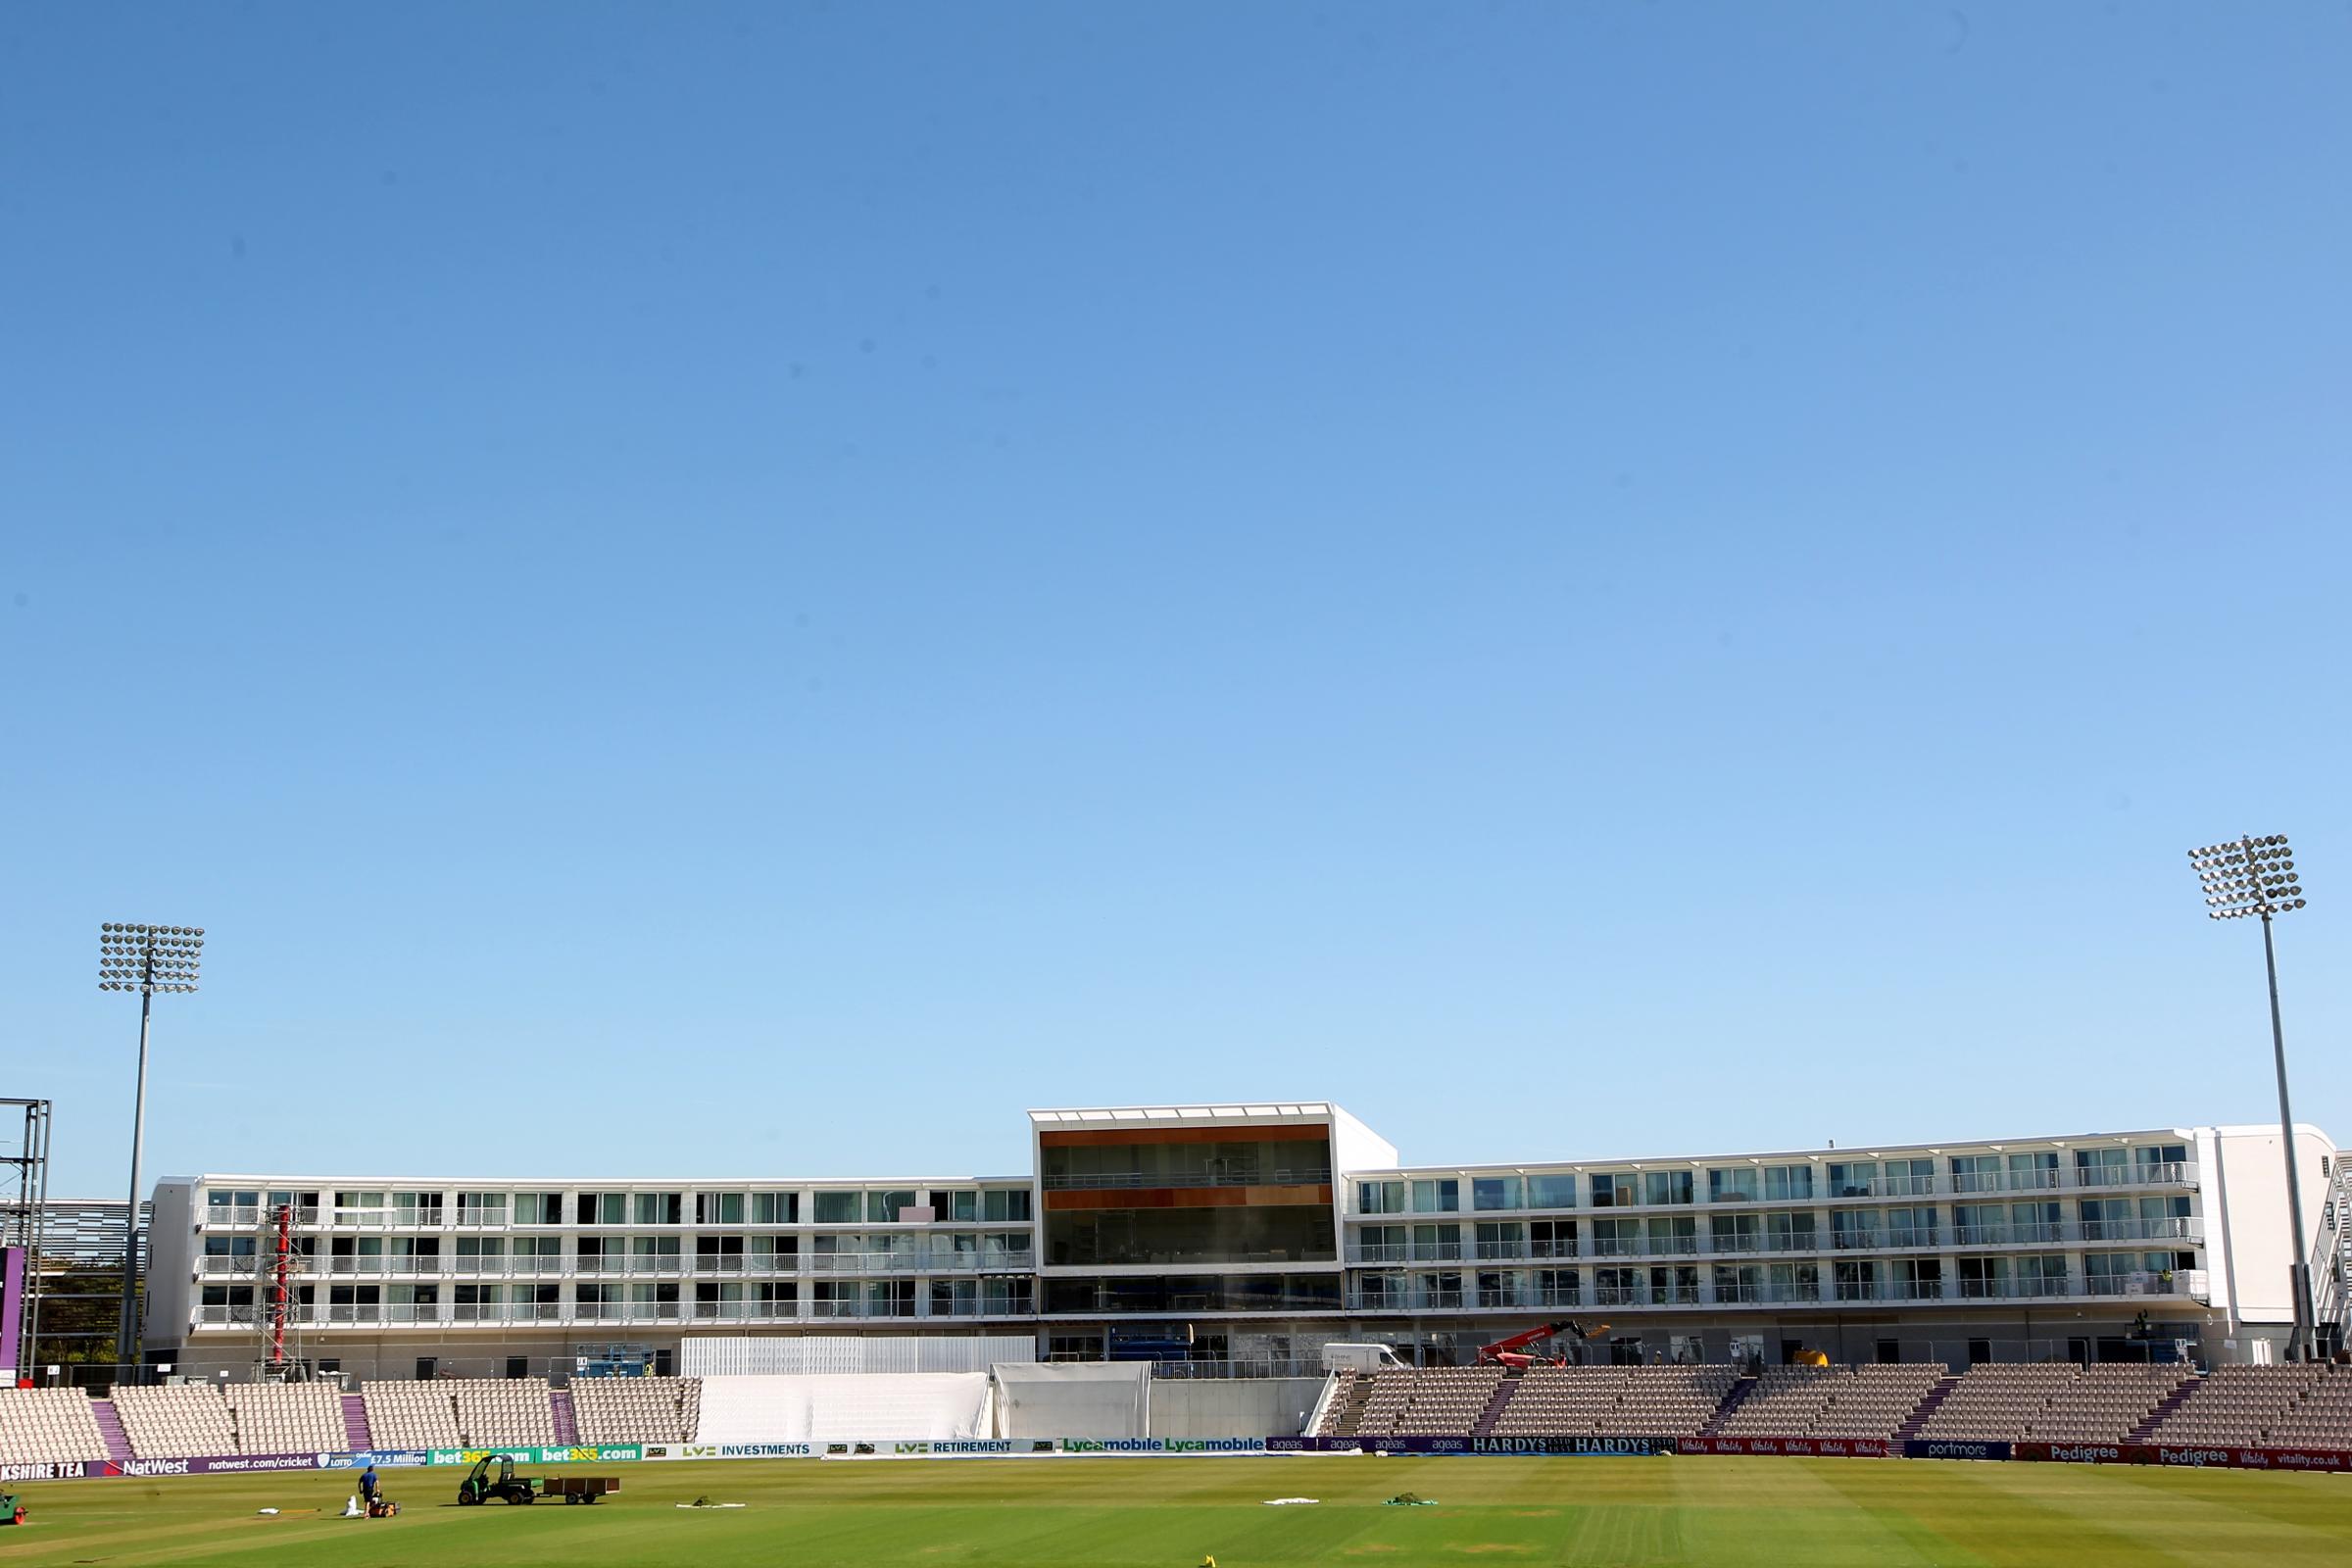 Hilton Ageas Bowl cricket ground